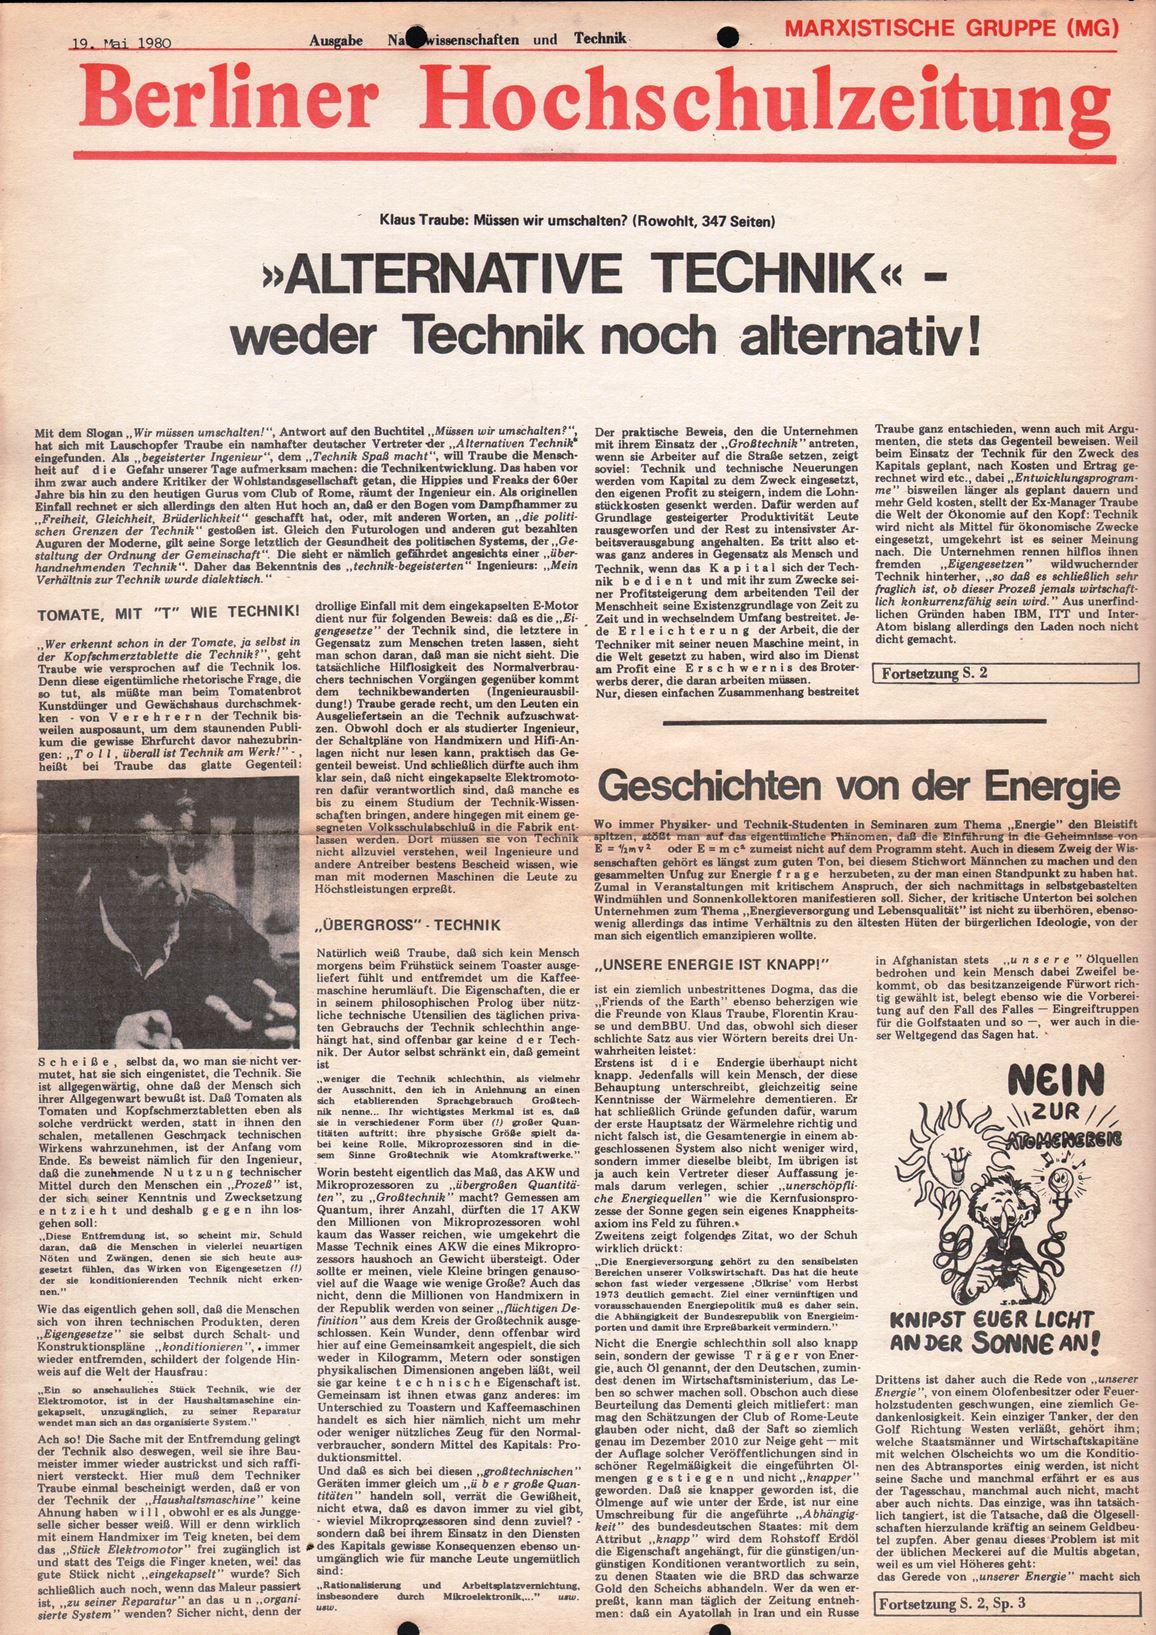 Berlin_MG_Hochschulzeitung_19800519_01